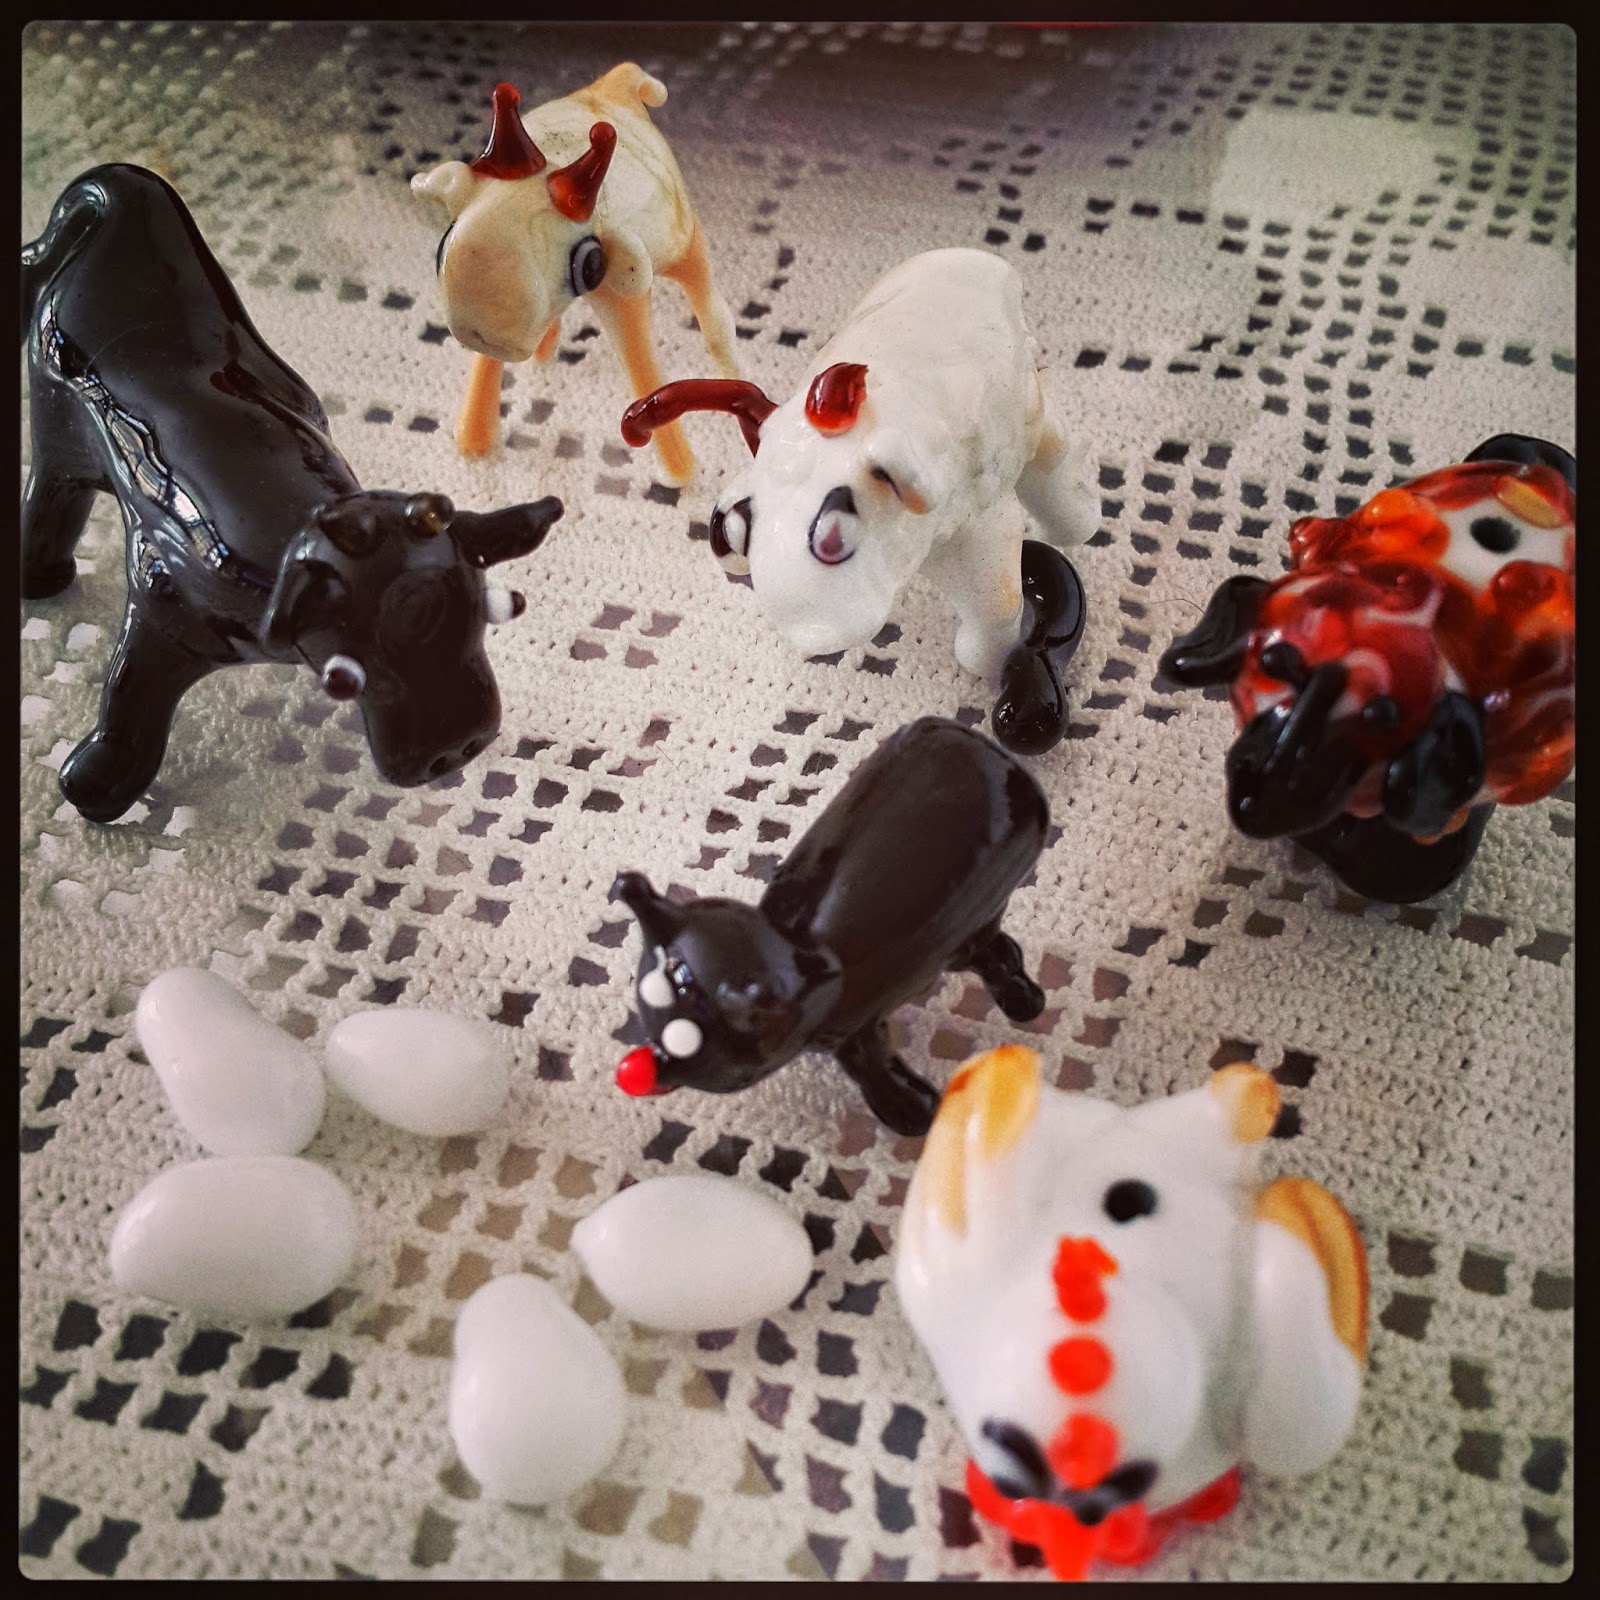 camdan hayvanlar